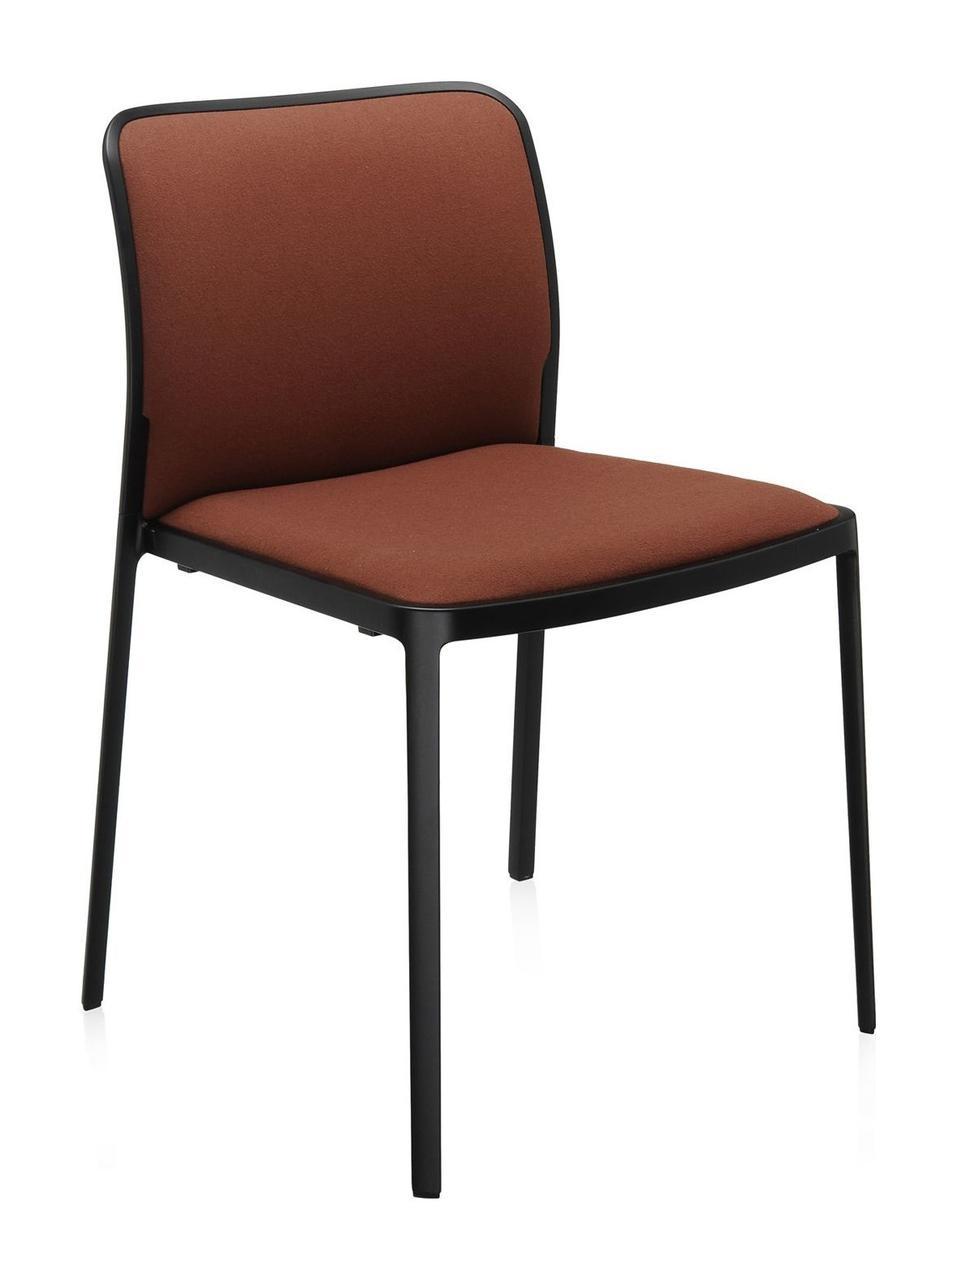 Стул Audrey черная рама с обивкой сиденье Kvadrat коричневые